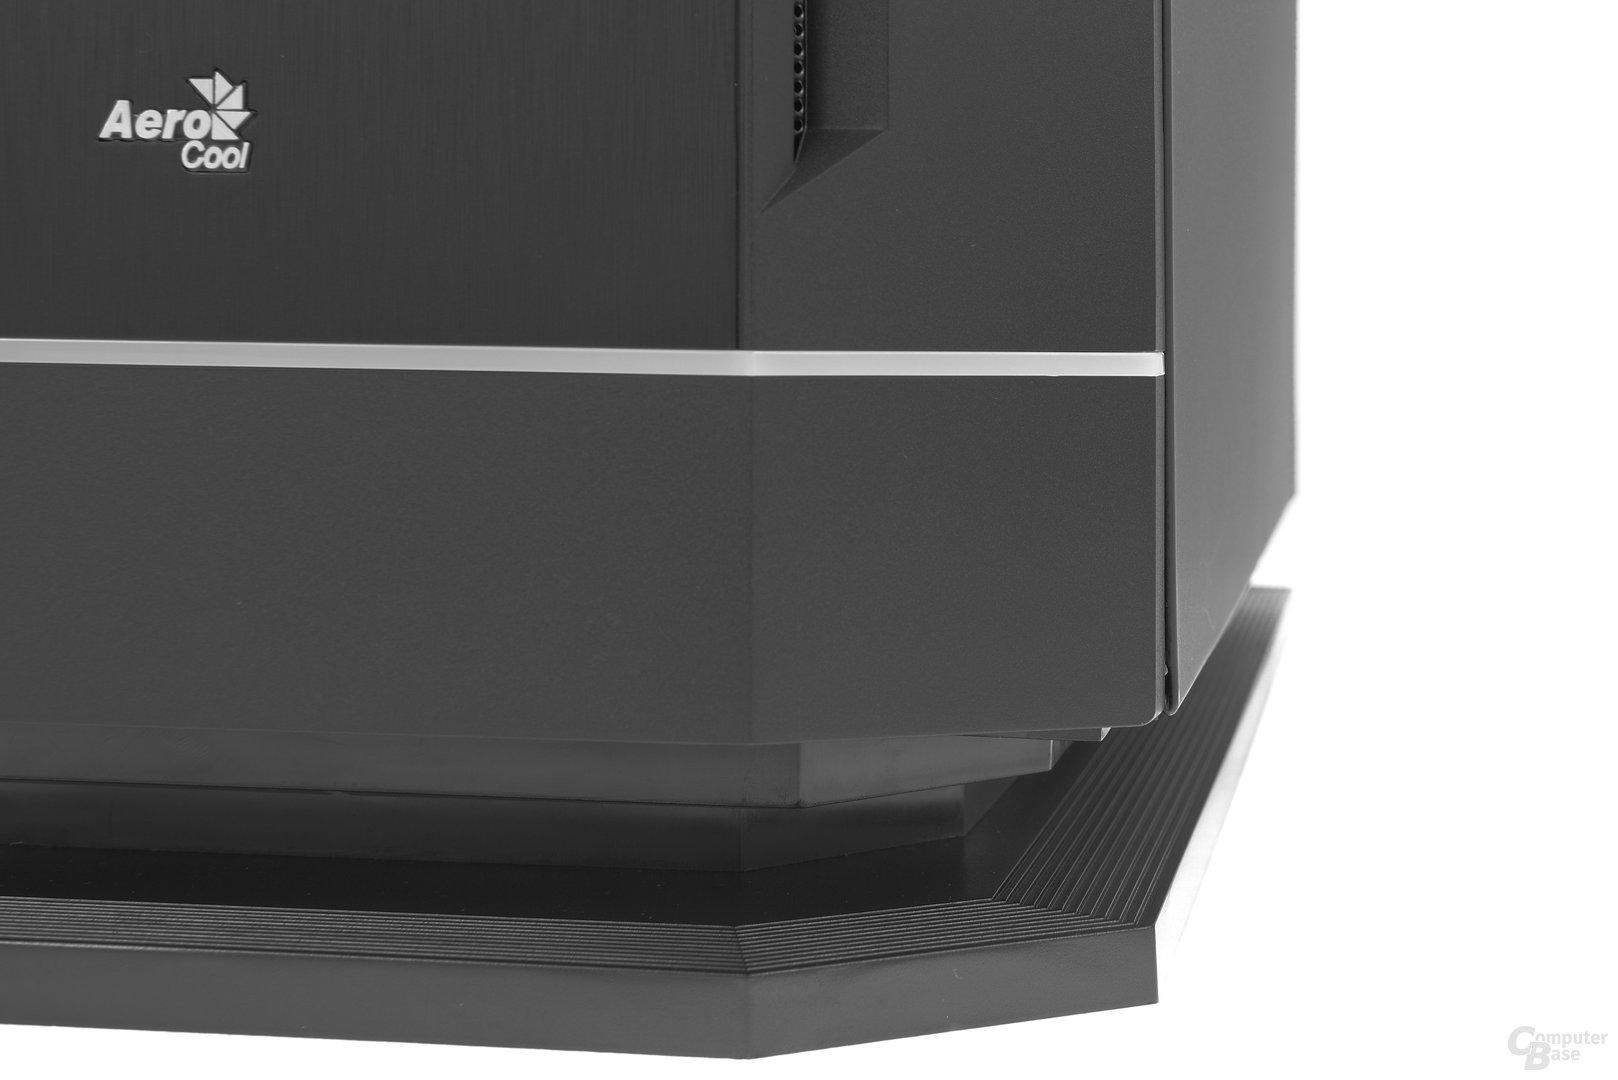 Aerocool DS 230 – Umgleichmäßige Spaltmaße an den Seitenteilen